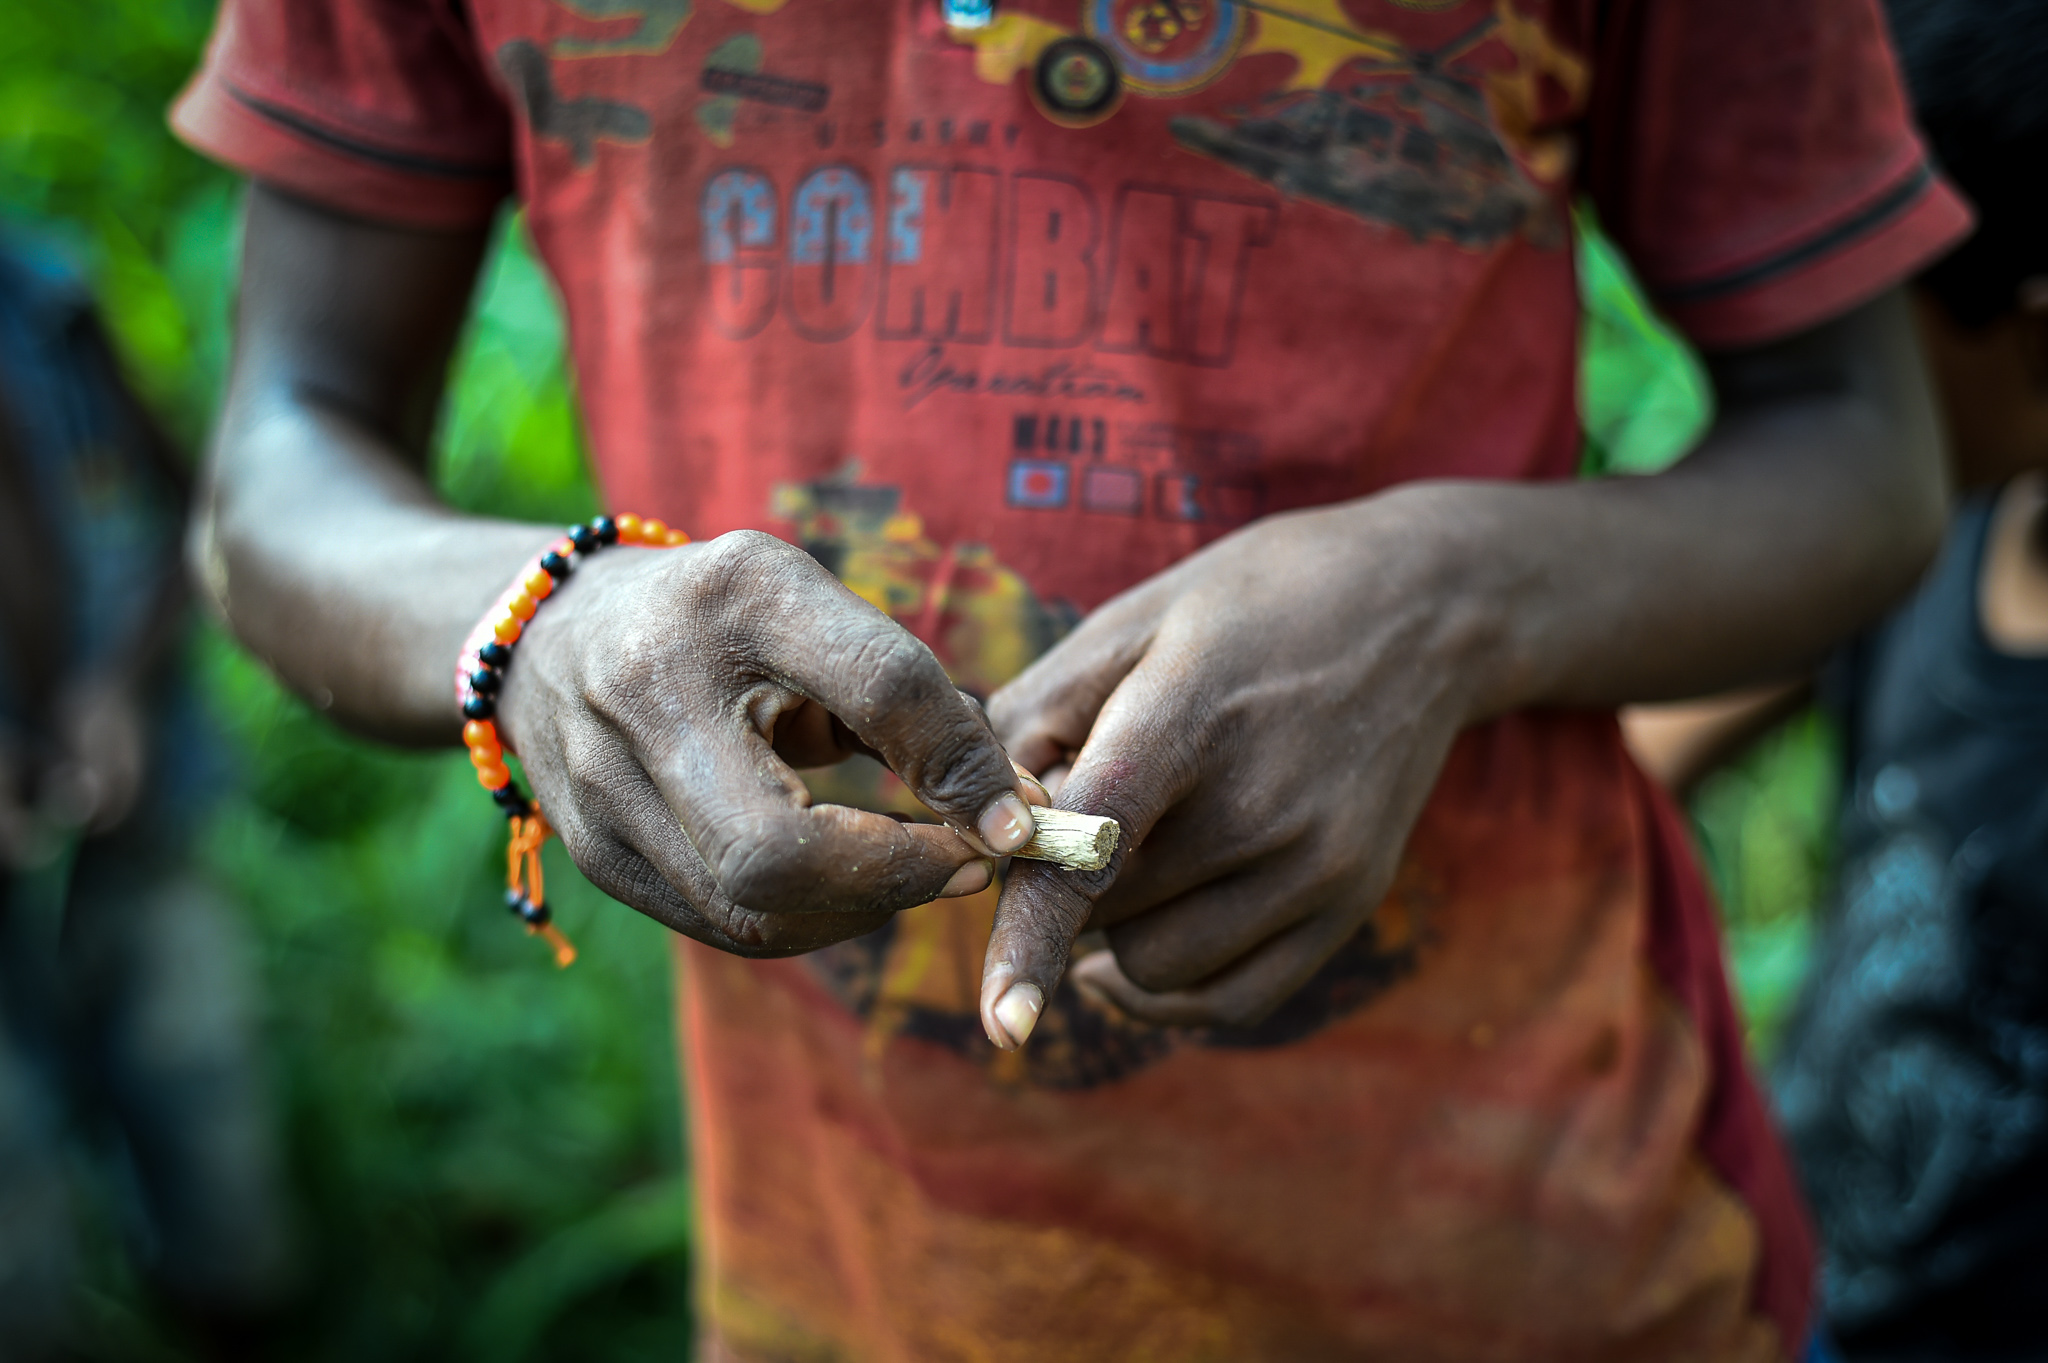 snake charmer, India, village, law, children